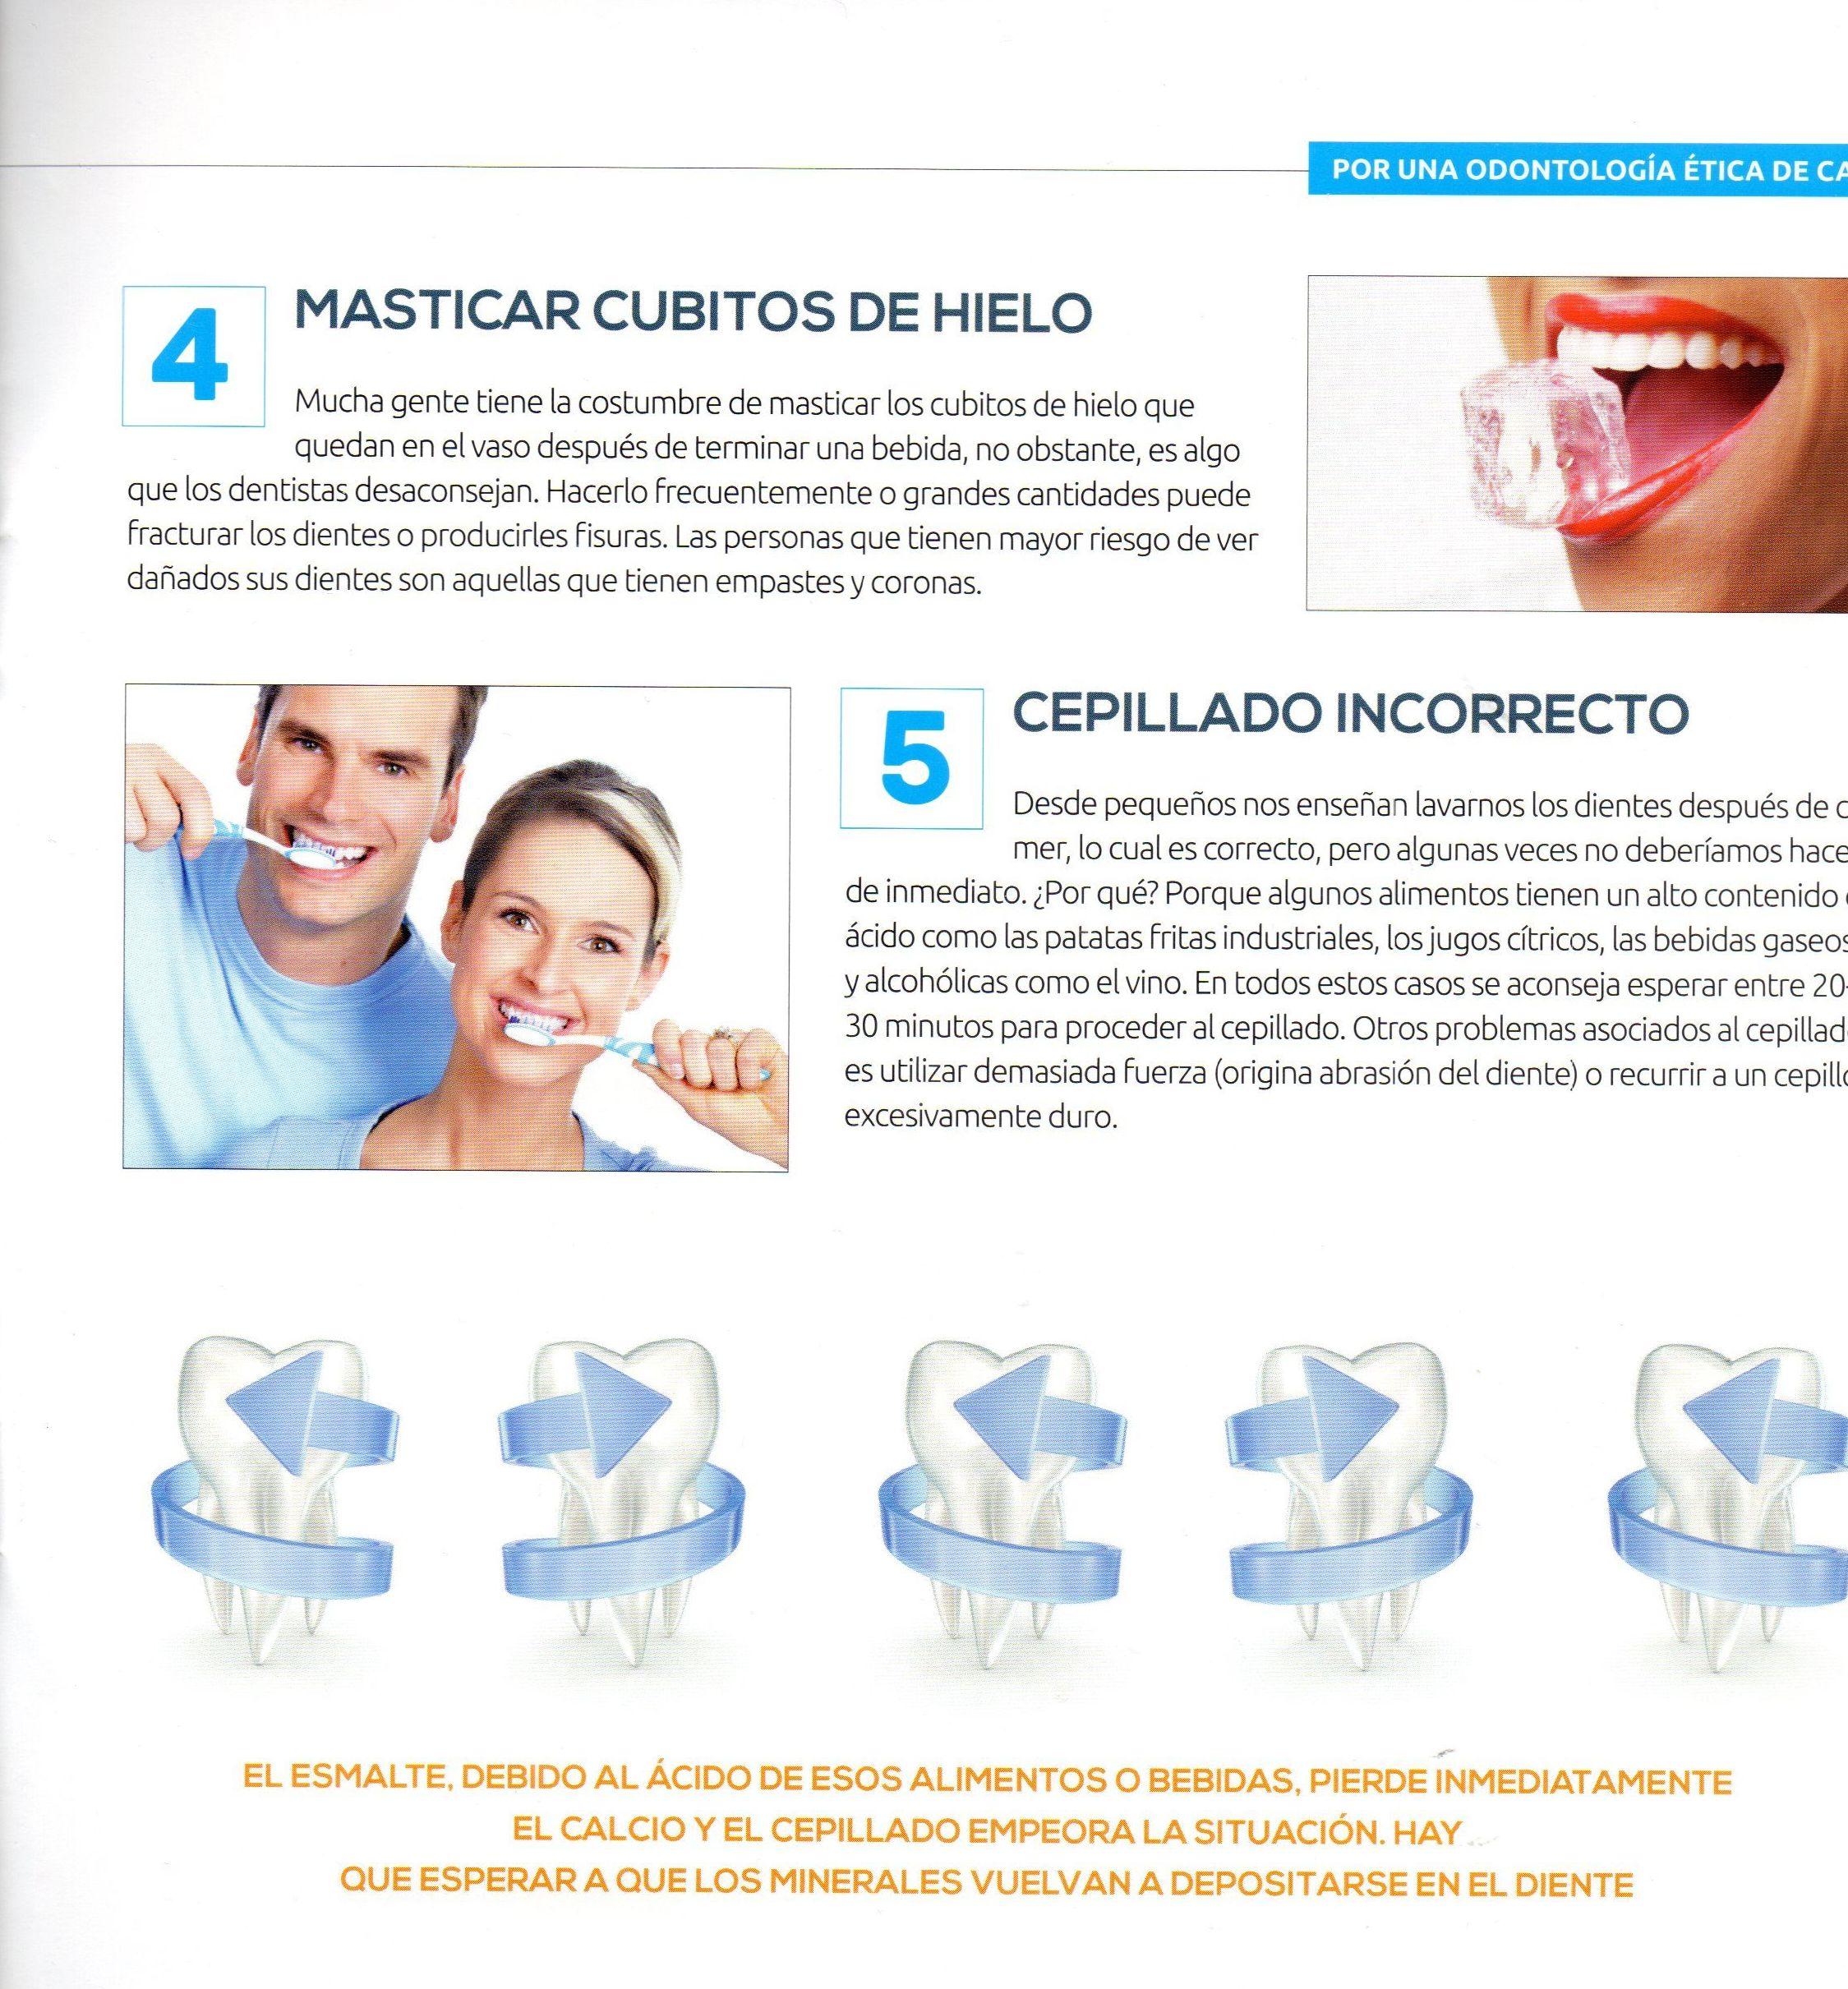 dentista en cadiz javier perez hábitos dañinos 2